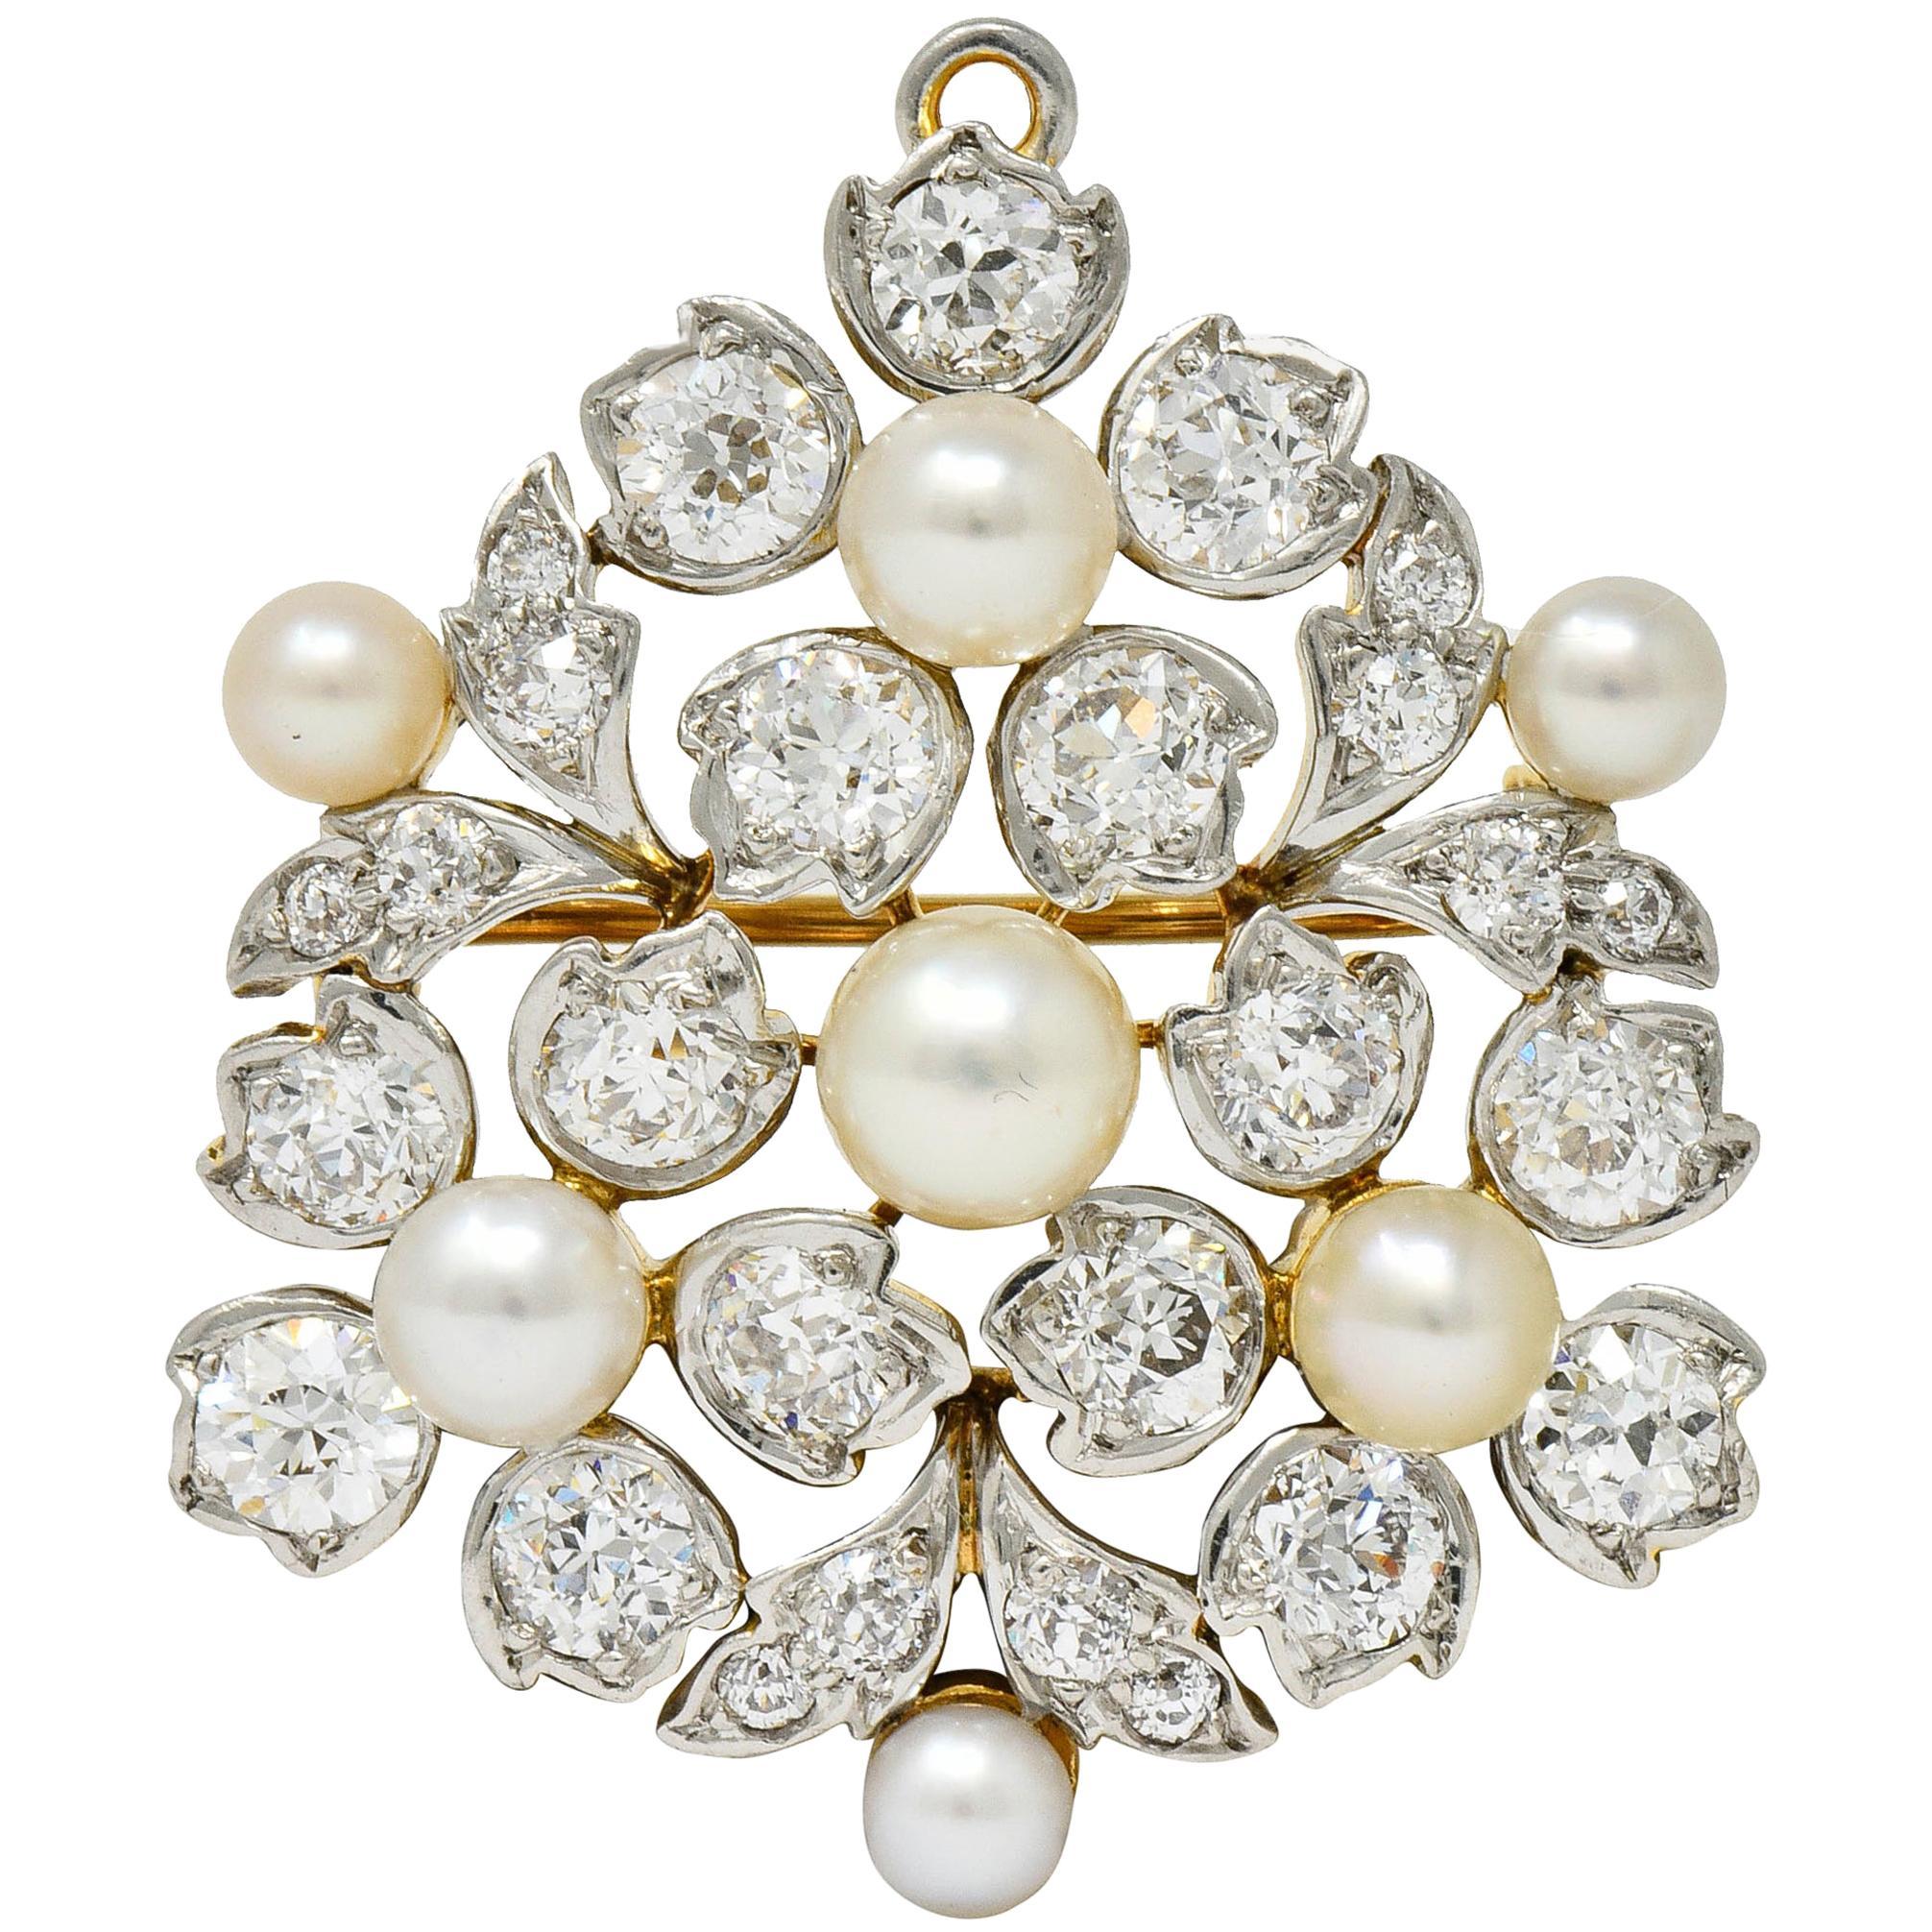 Antique Tiffany & Co. Paulding Farnham Diamond Natural Pearl Platinum Pendant